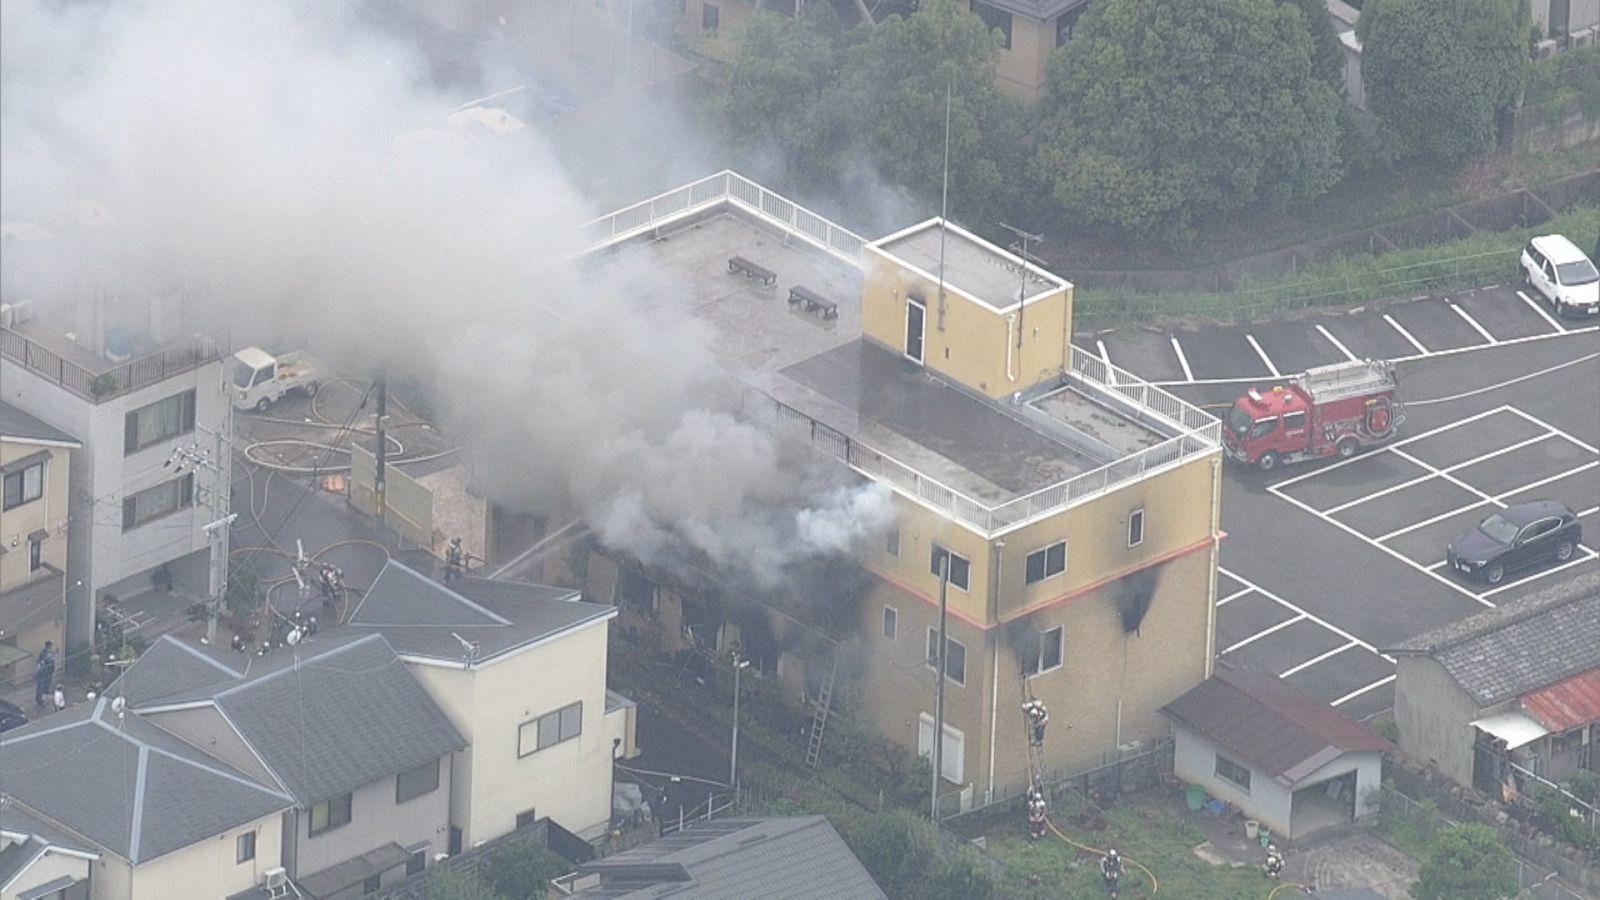 【更新】警方确认,京都动画大火遇难人数已达34人